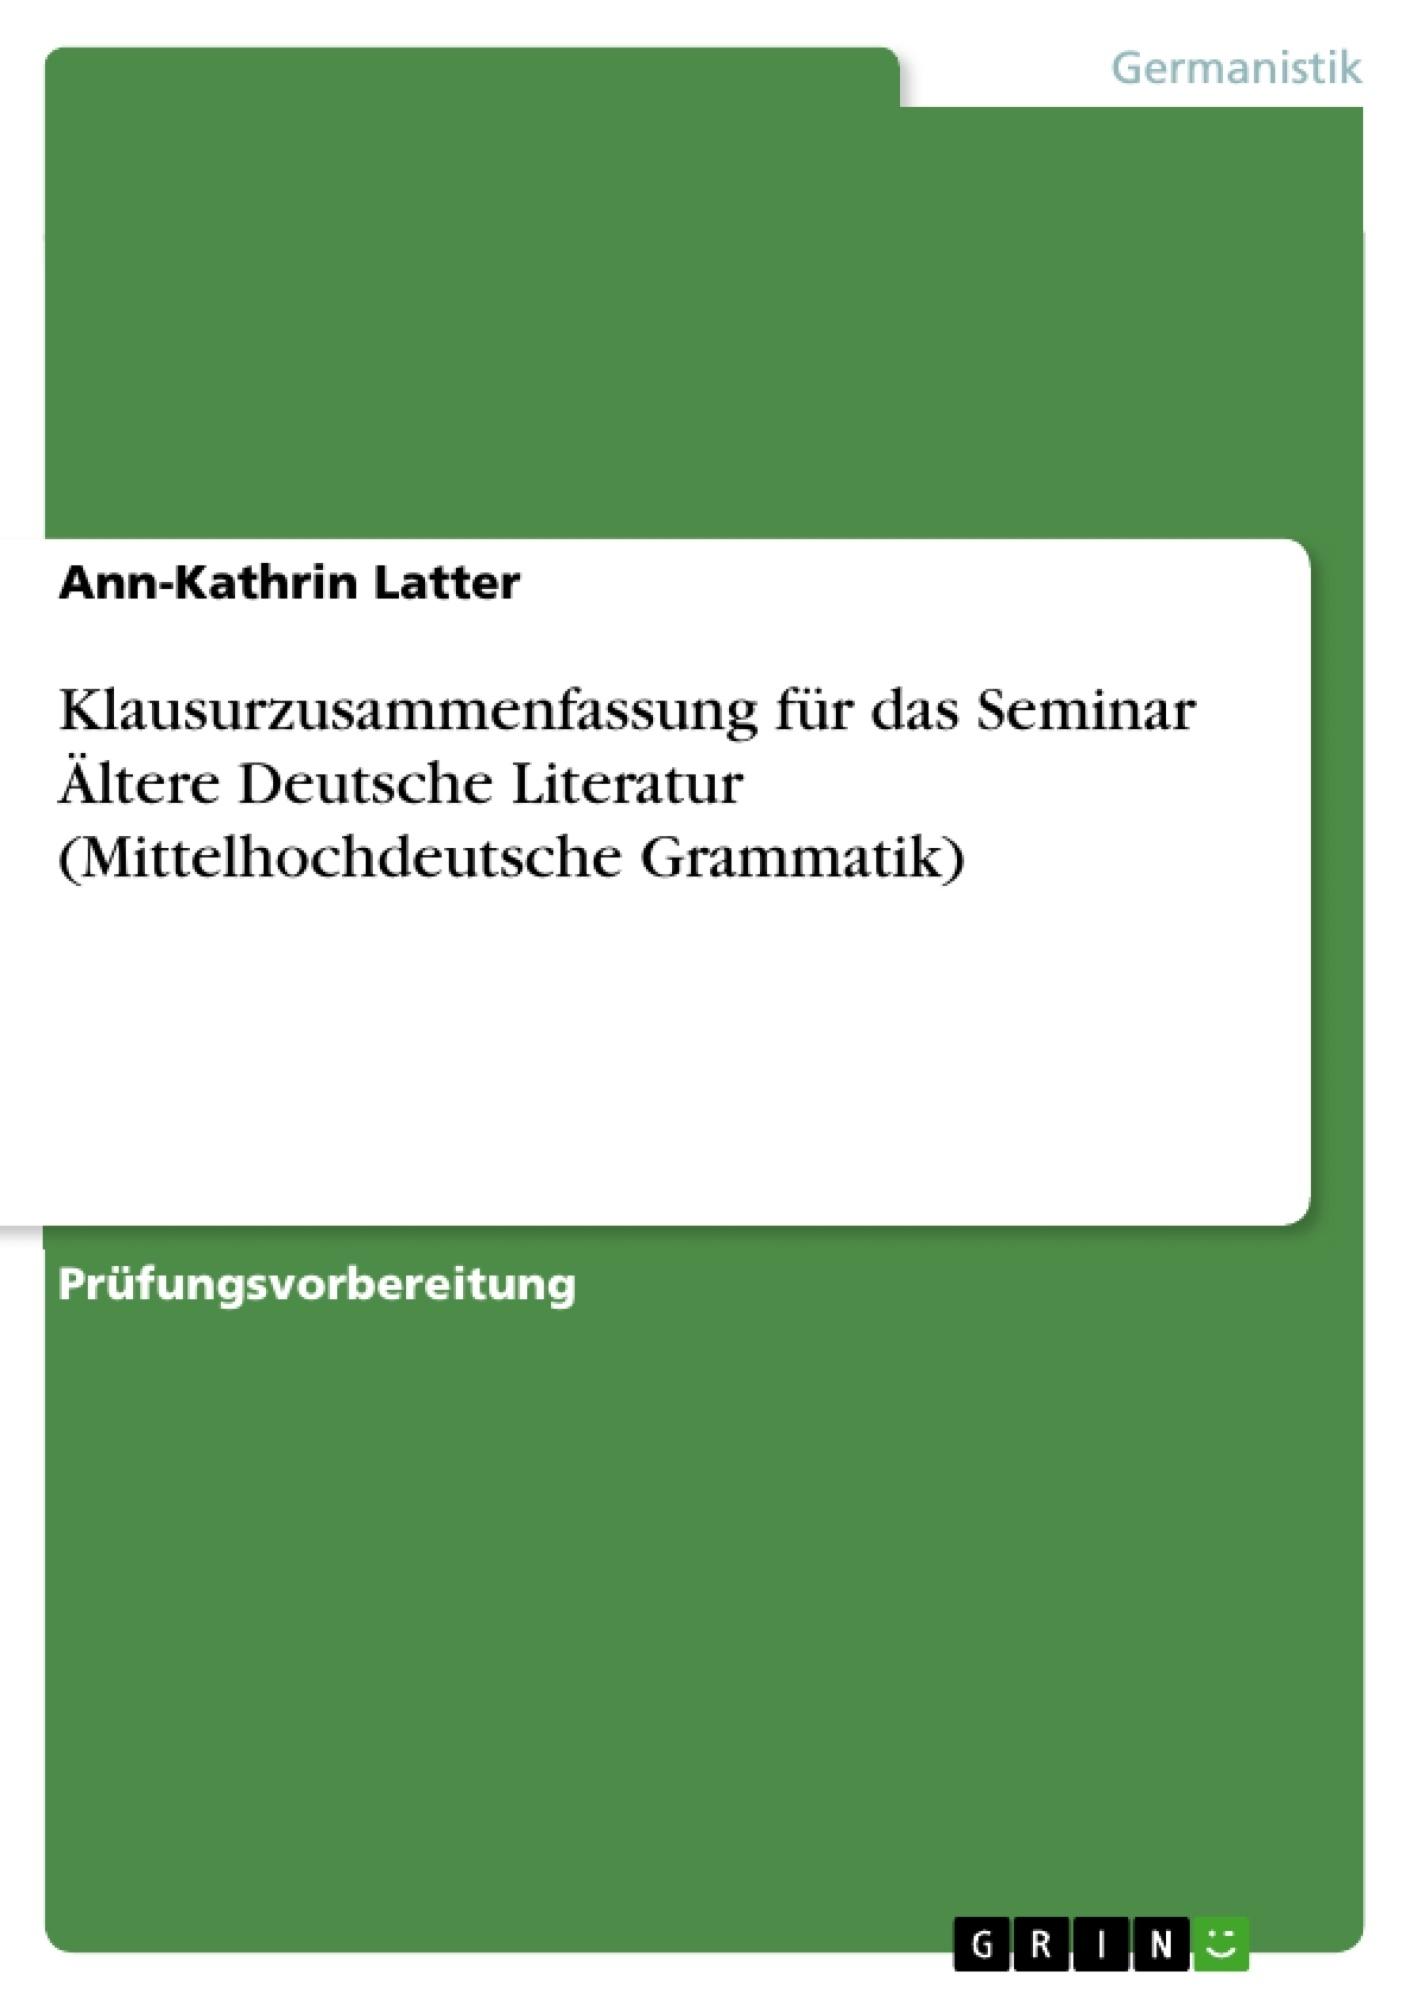 Titel: Klausurzusammenfassung für das Seminar Ältere Deutsche Literatur (Mittelhochdeutsche Grammatik)